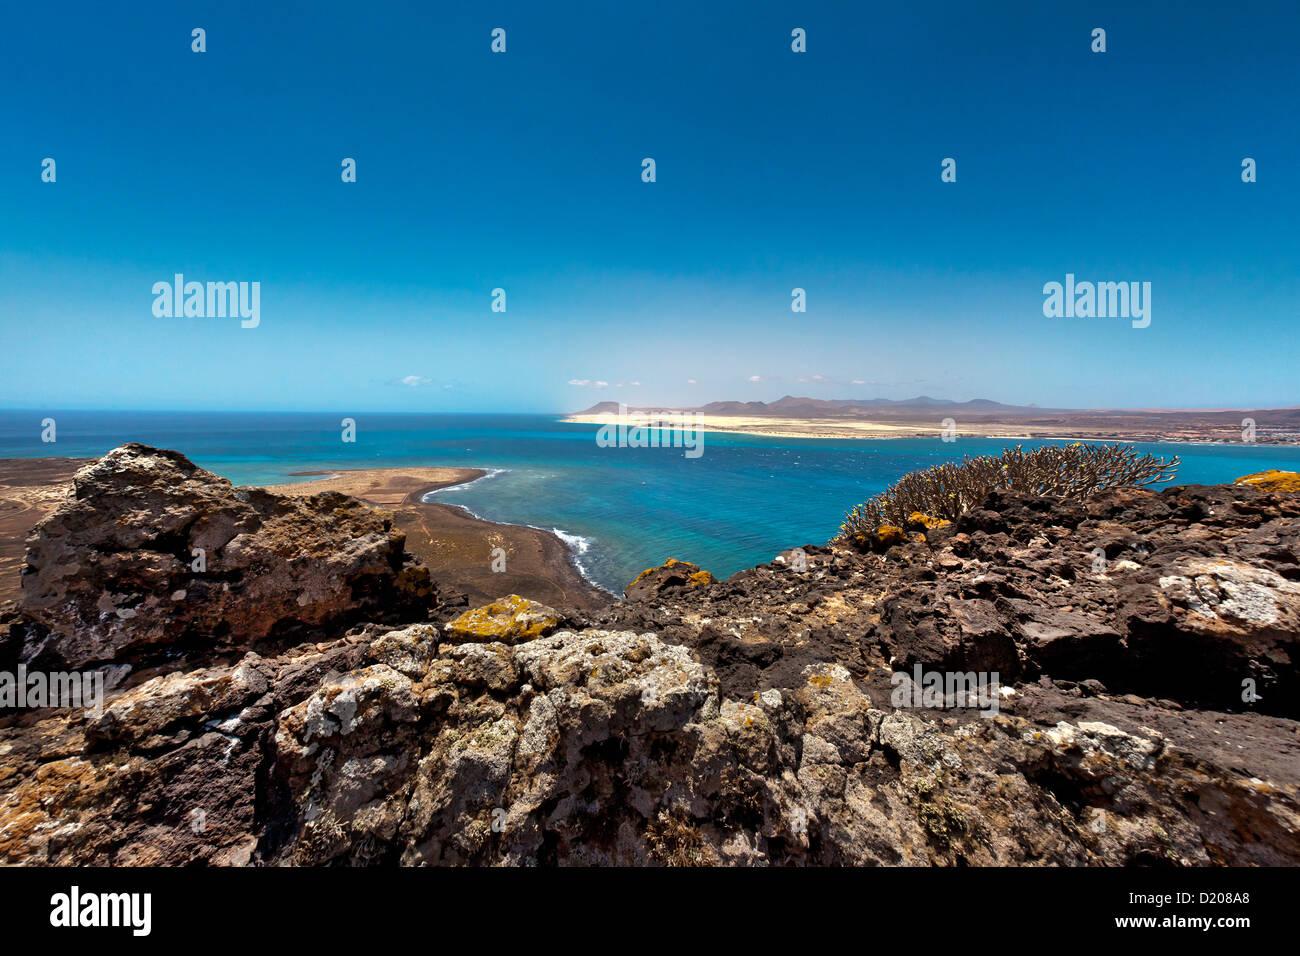 View from the crater Montana de Caldera to Fuerteventura, Lobos Island, Fuerteventura, Canary Islands, Spain - Stock Image